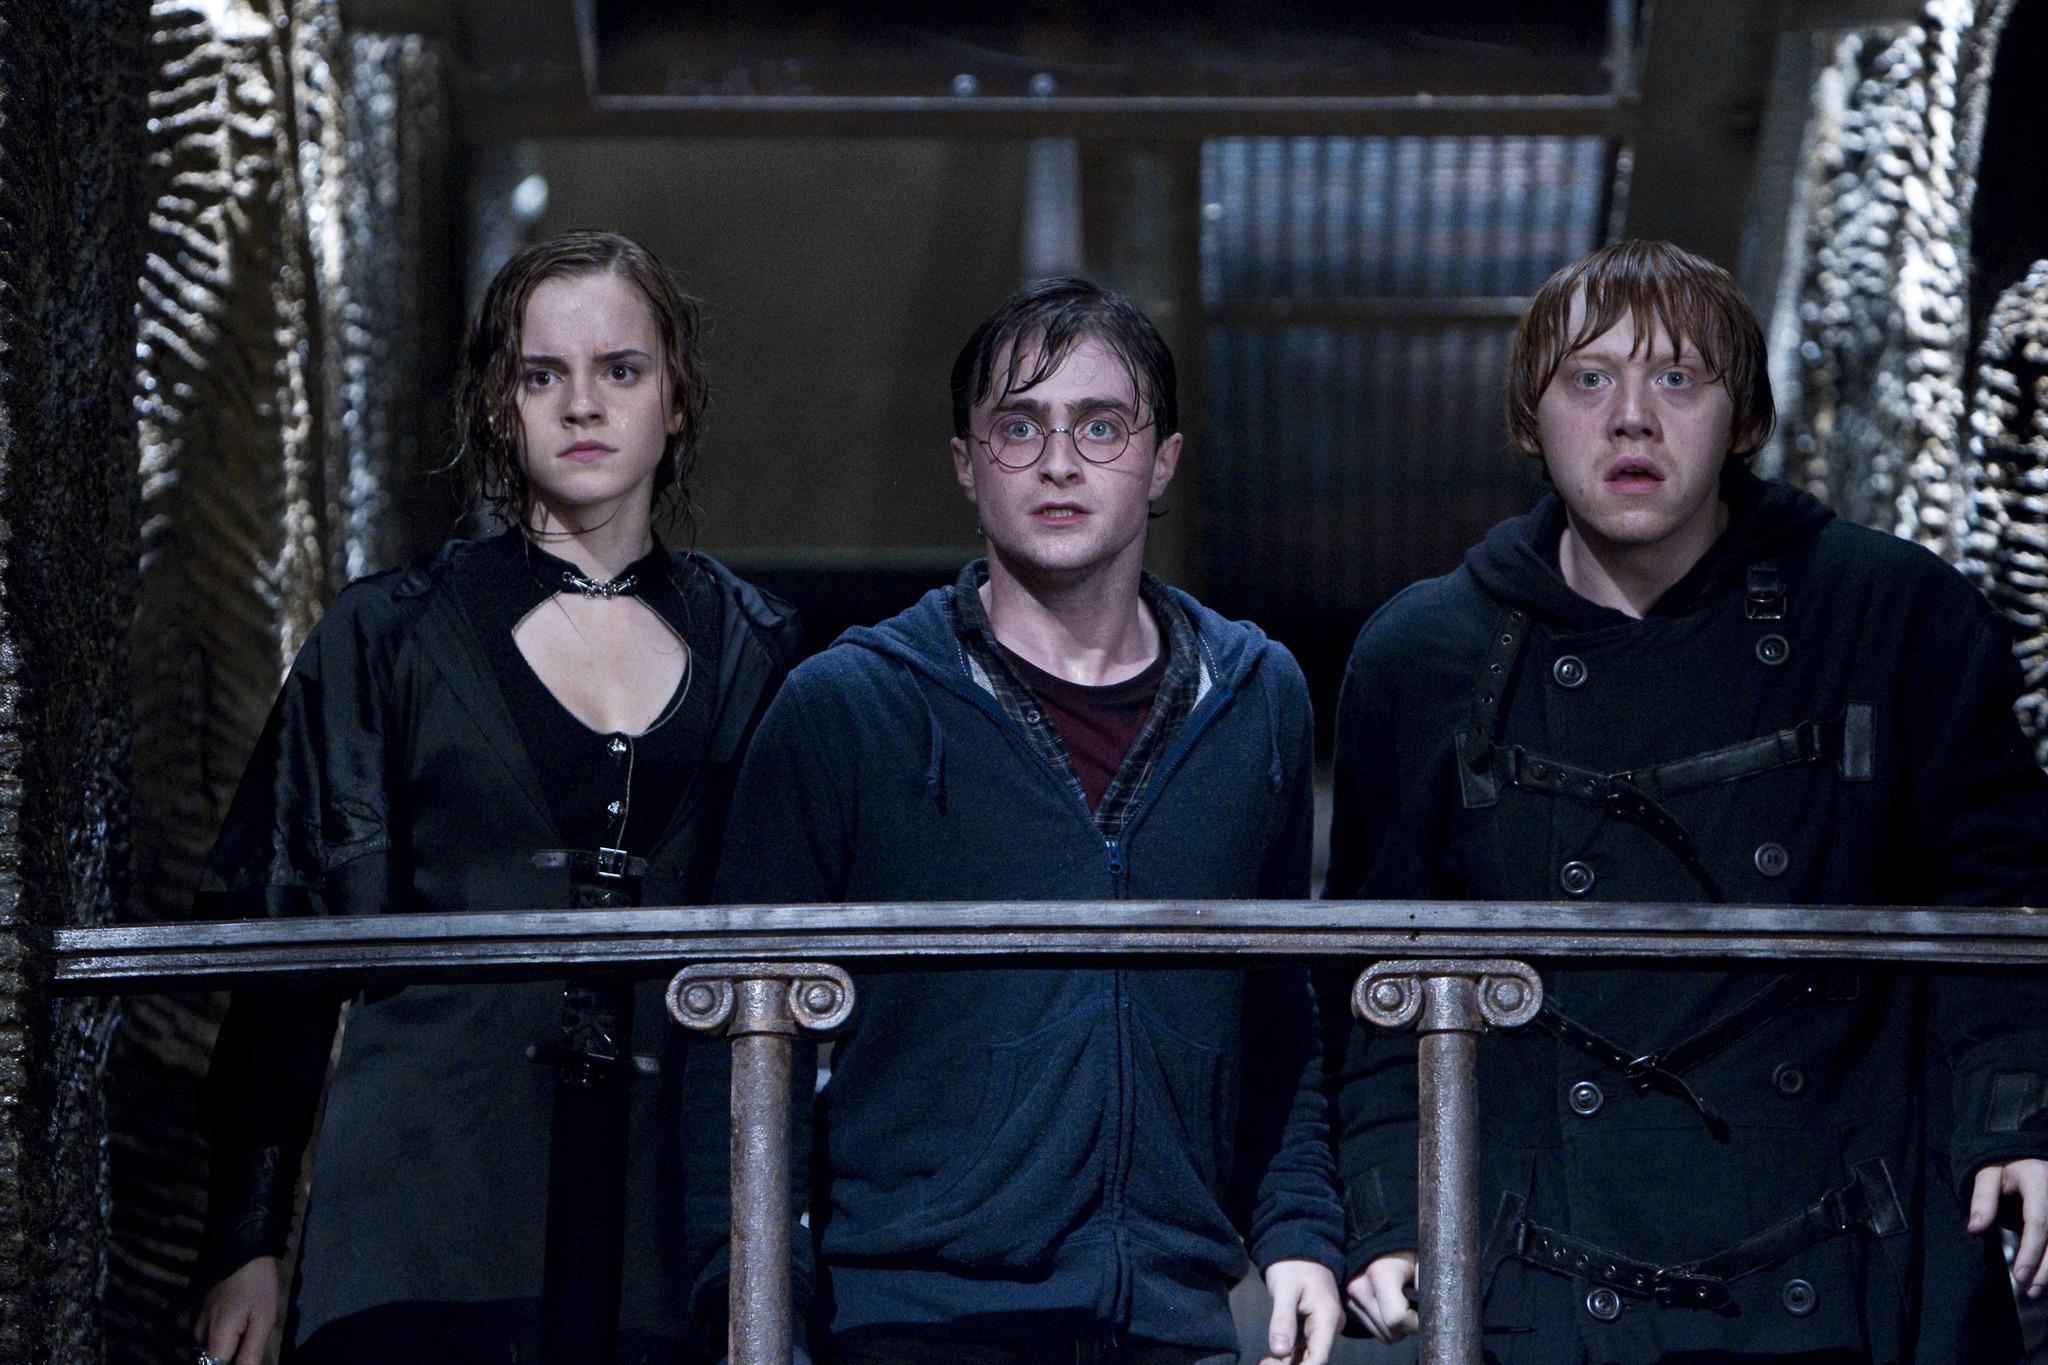 2011. Гарри Поттер и Дары смерти: Часть II